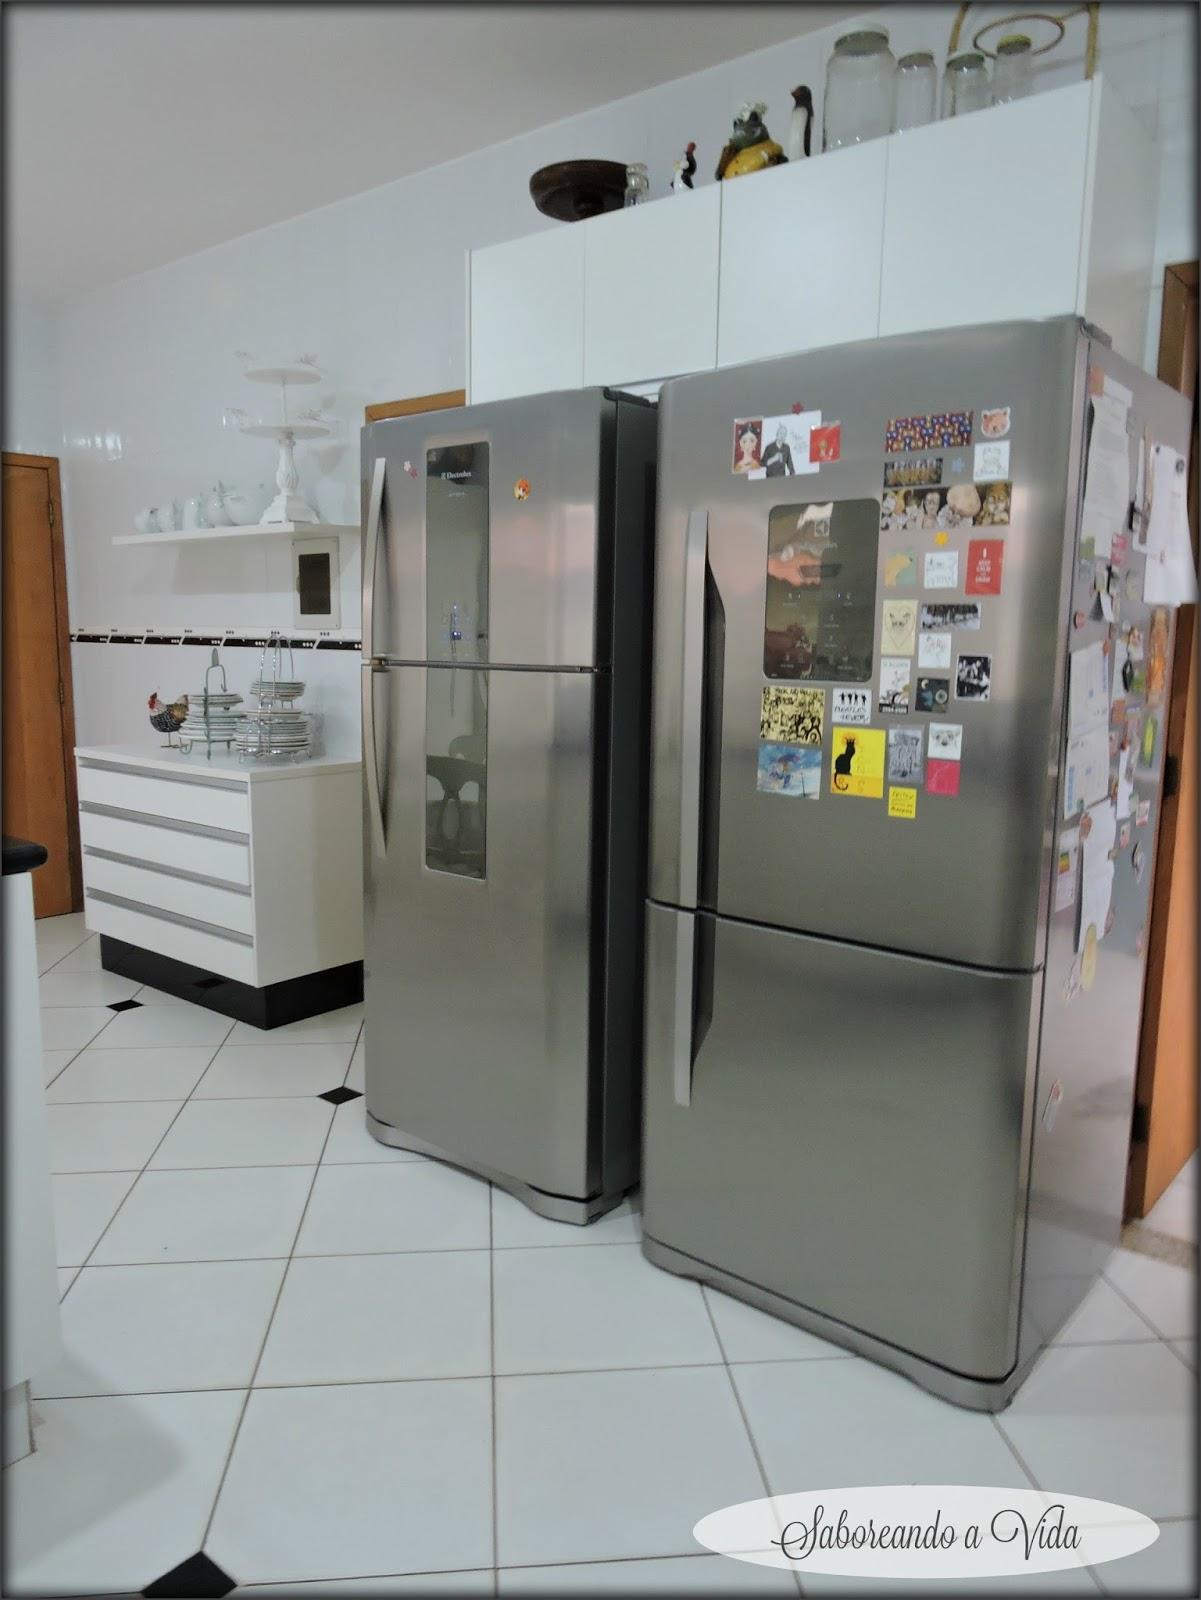 saboreando a vida: Minha Cozinha e Uma idéia de último minuto para o  #6C462C 1201 1600